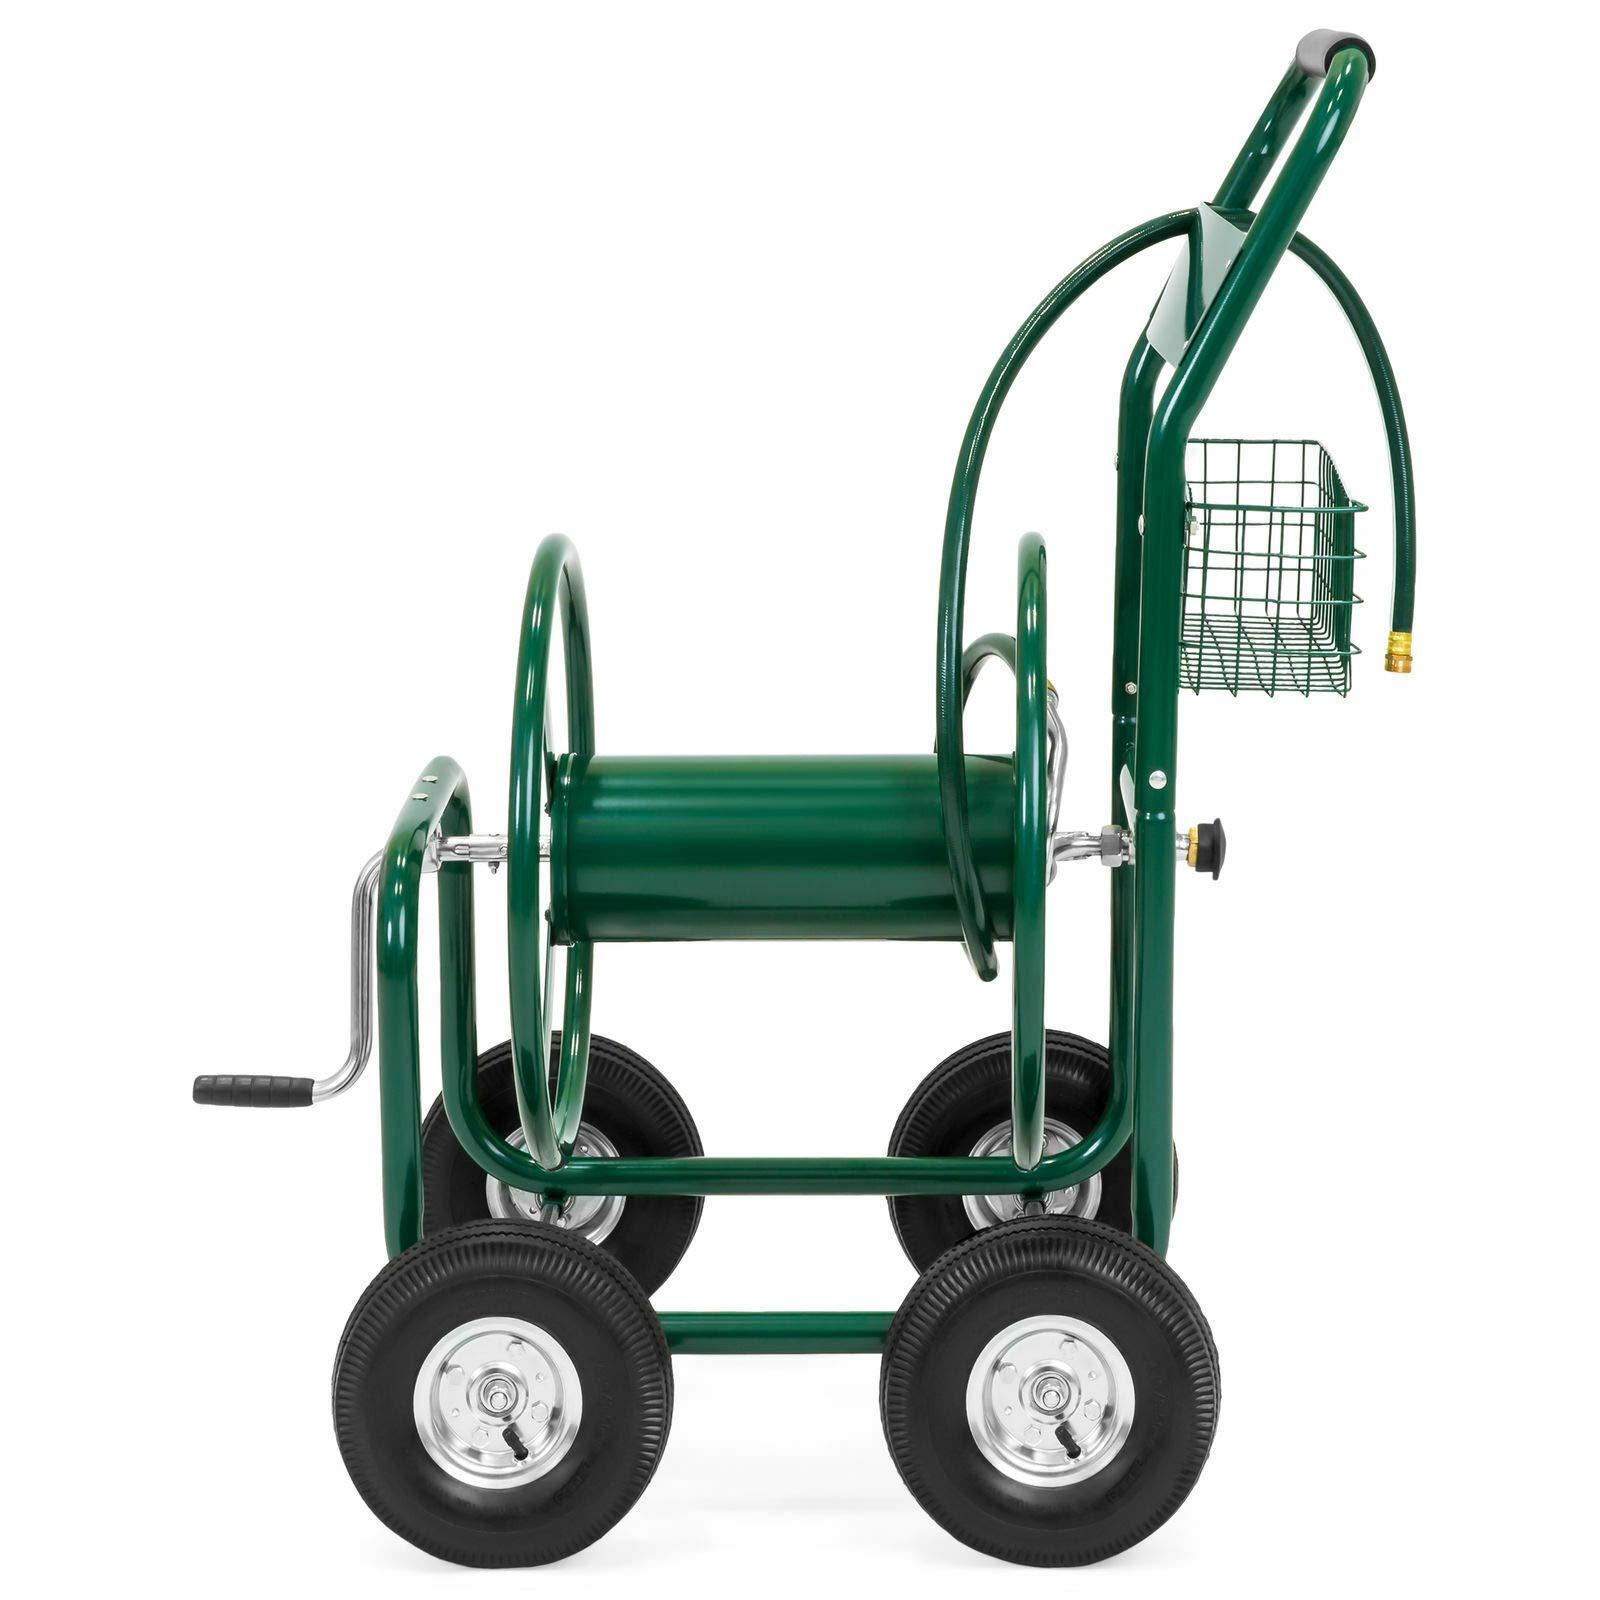 Kampoojoo - Green 300ft Heavy Duty Green Steel Water Hose Reel Portable Cart w/Basket 4 Wheels